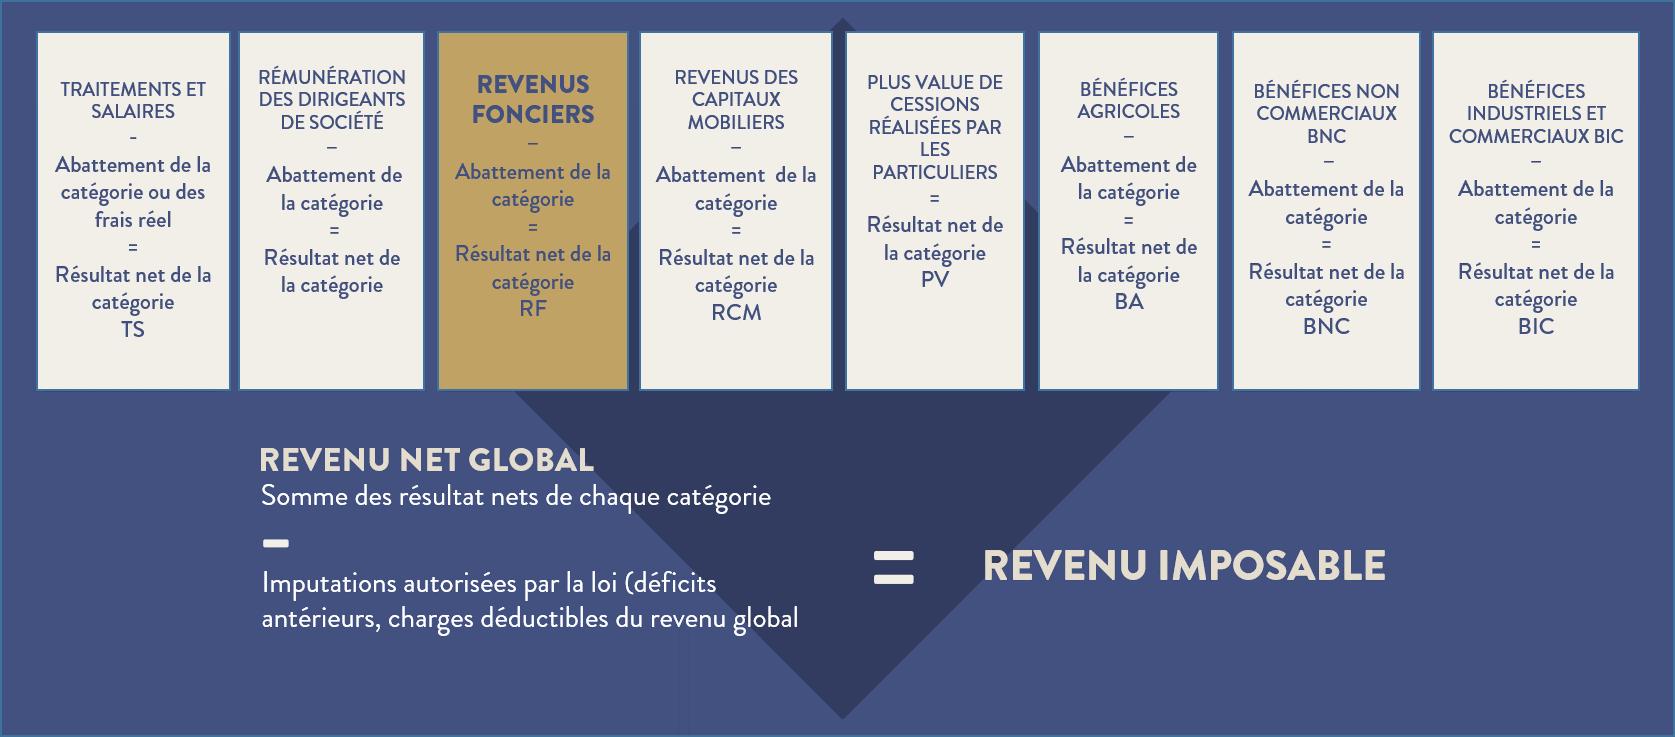 Tableau de la composition du revenu imposable